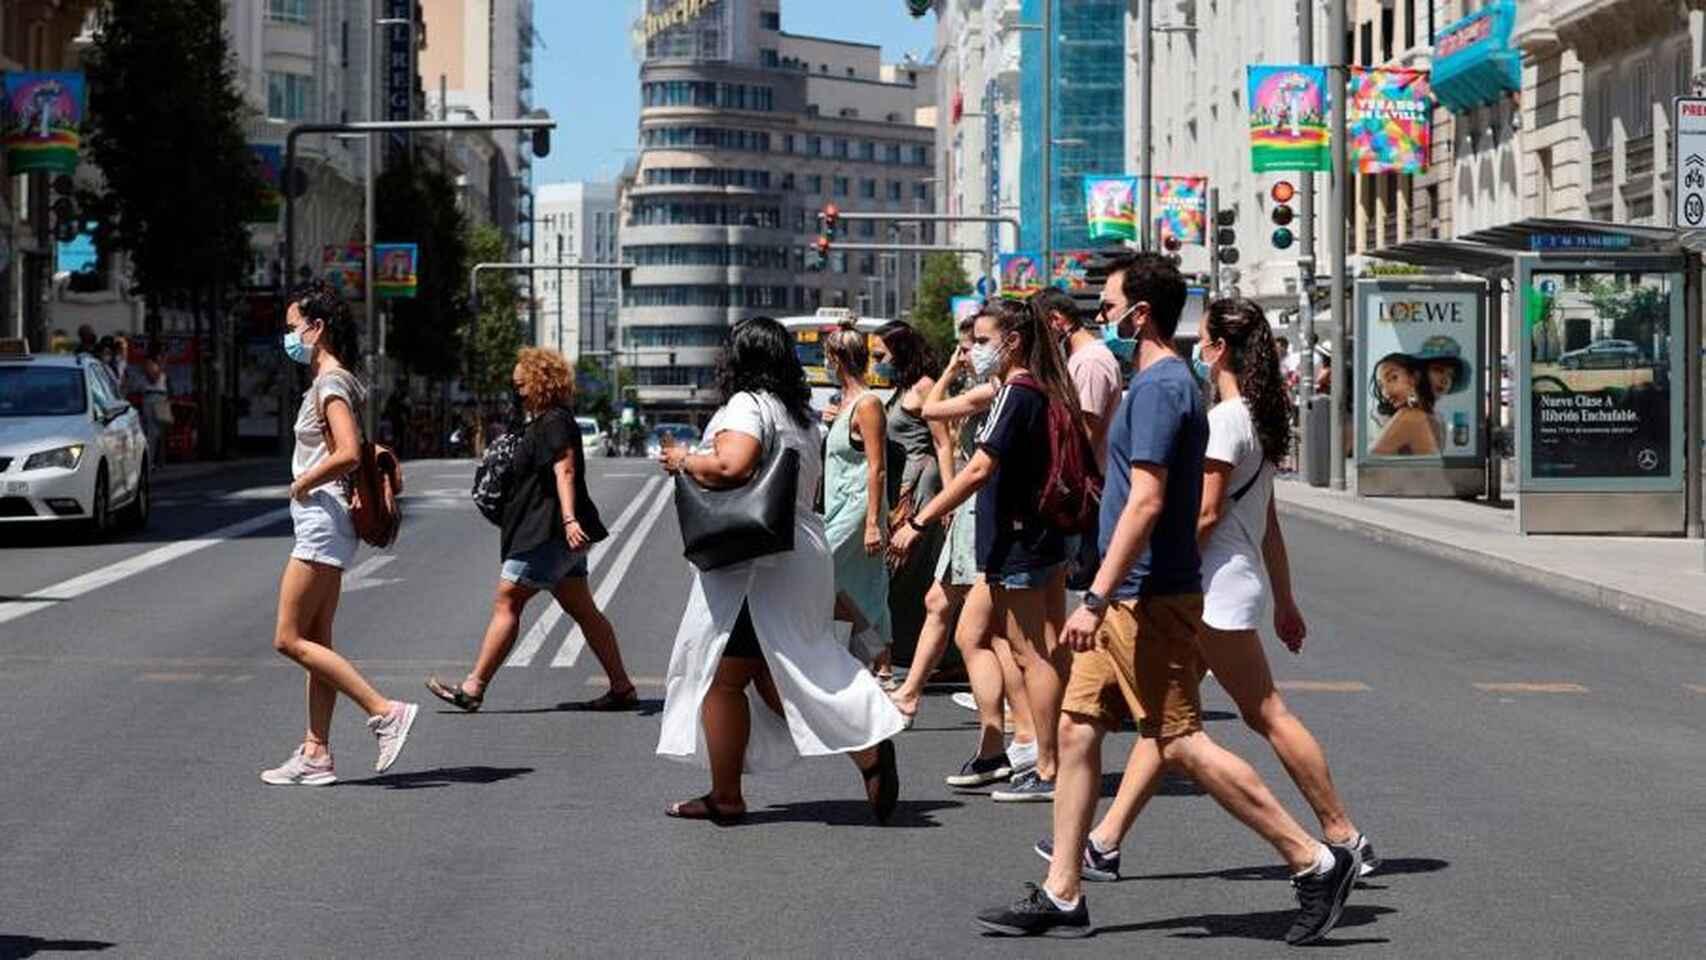 """Coronavirus: Madrid restringirá la circulación de personas para evitar """"estado de alarma""""; Argentina supera los 600.000 casos confirmados"""